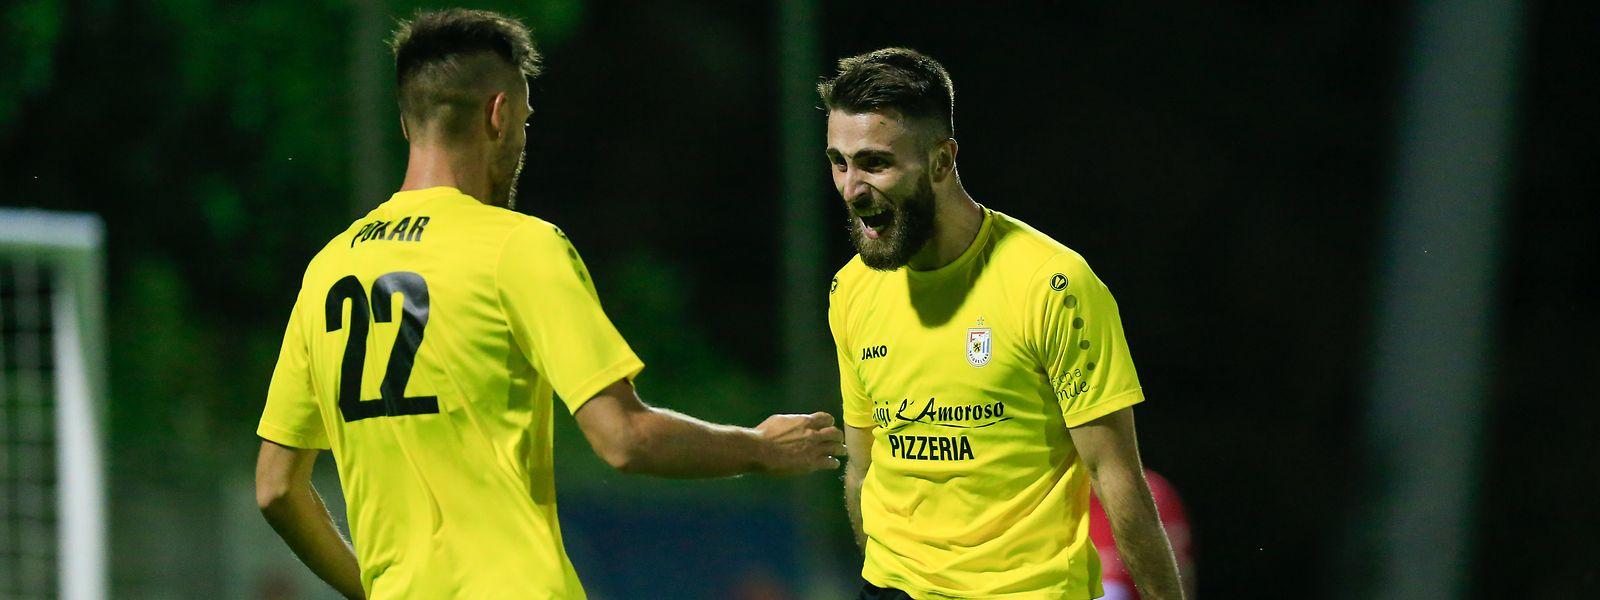 Die F91-Spieler Mario Pokar und Edis Agovic (r.) haben einen Lauf.